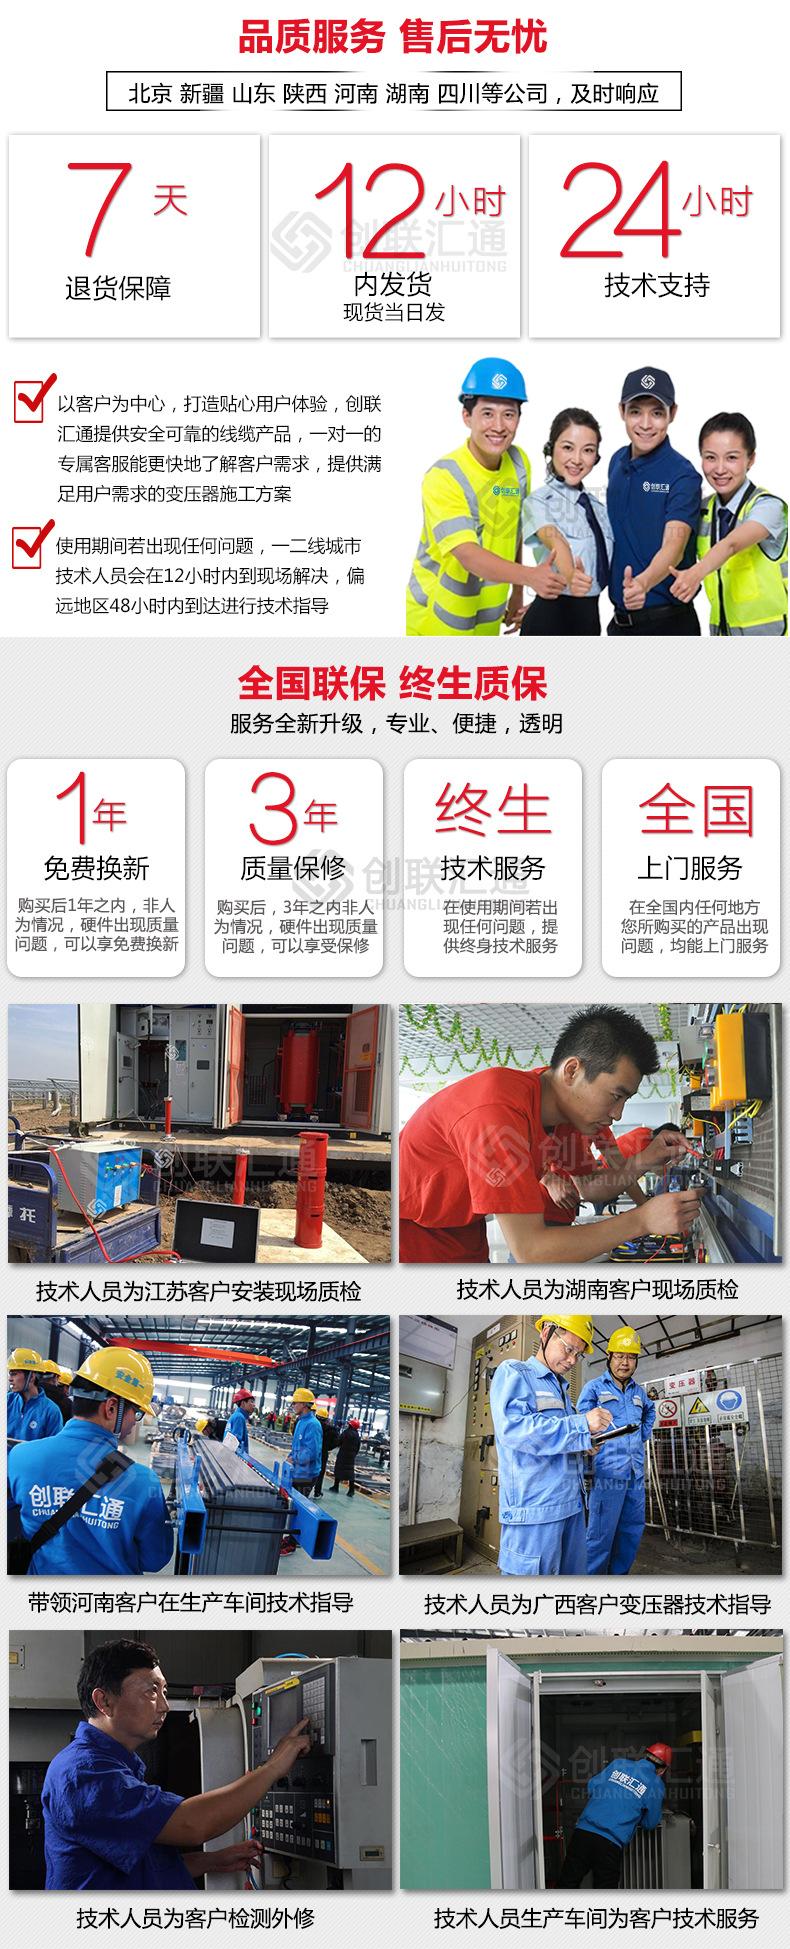 电力箱式变压器 630kva 箱变 户外成套电力箱式变压器生产厂家-亚博集团官网示例图10